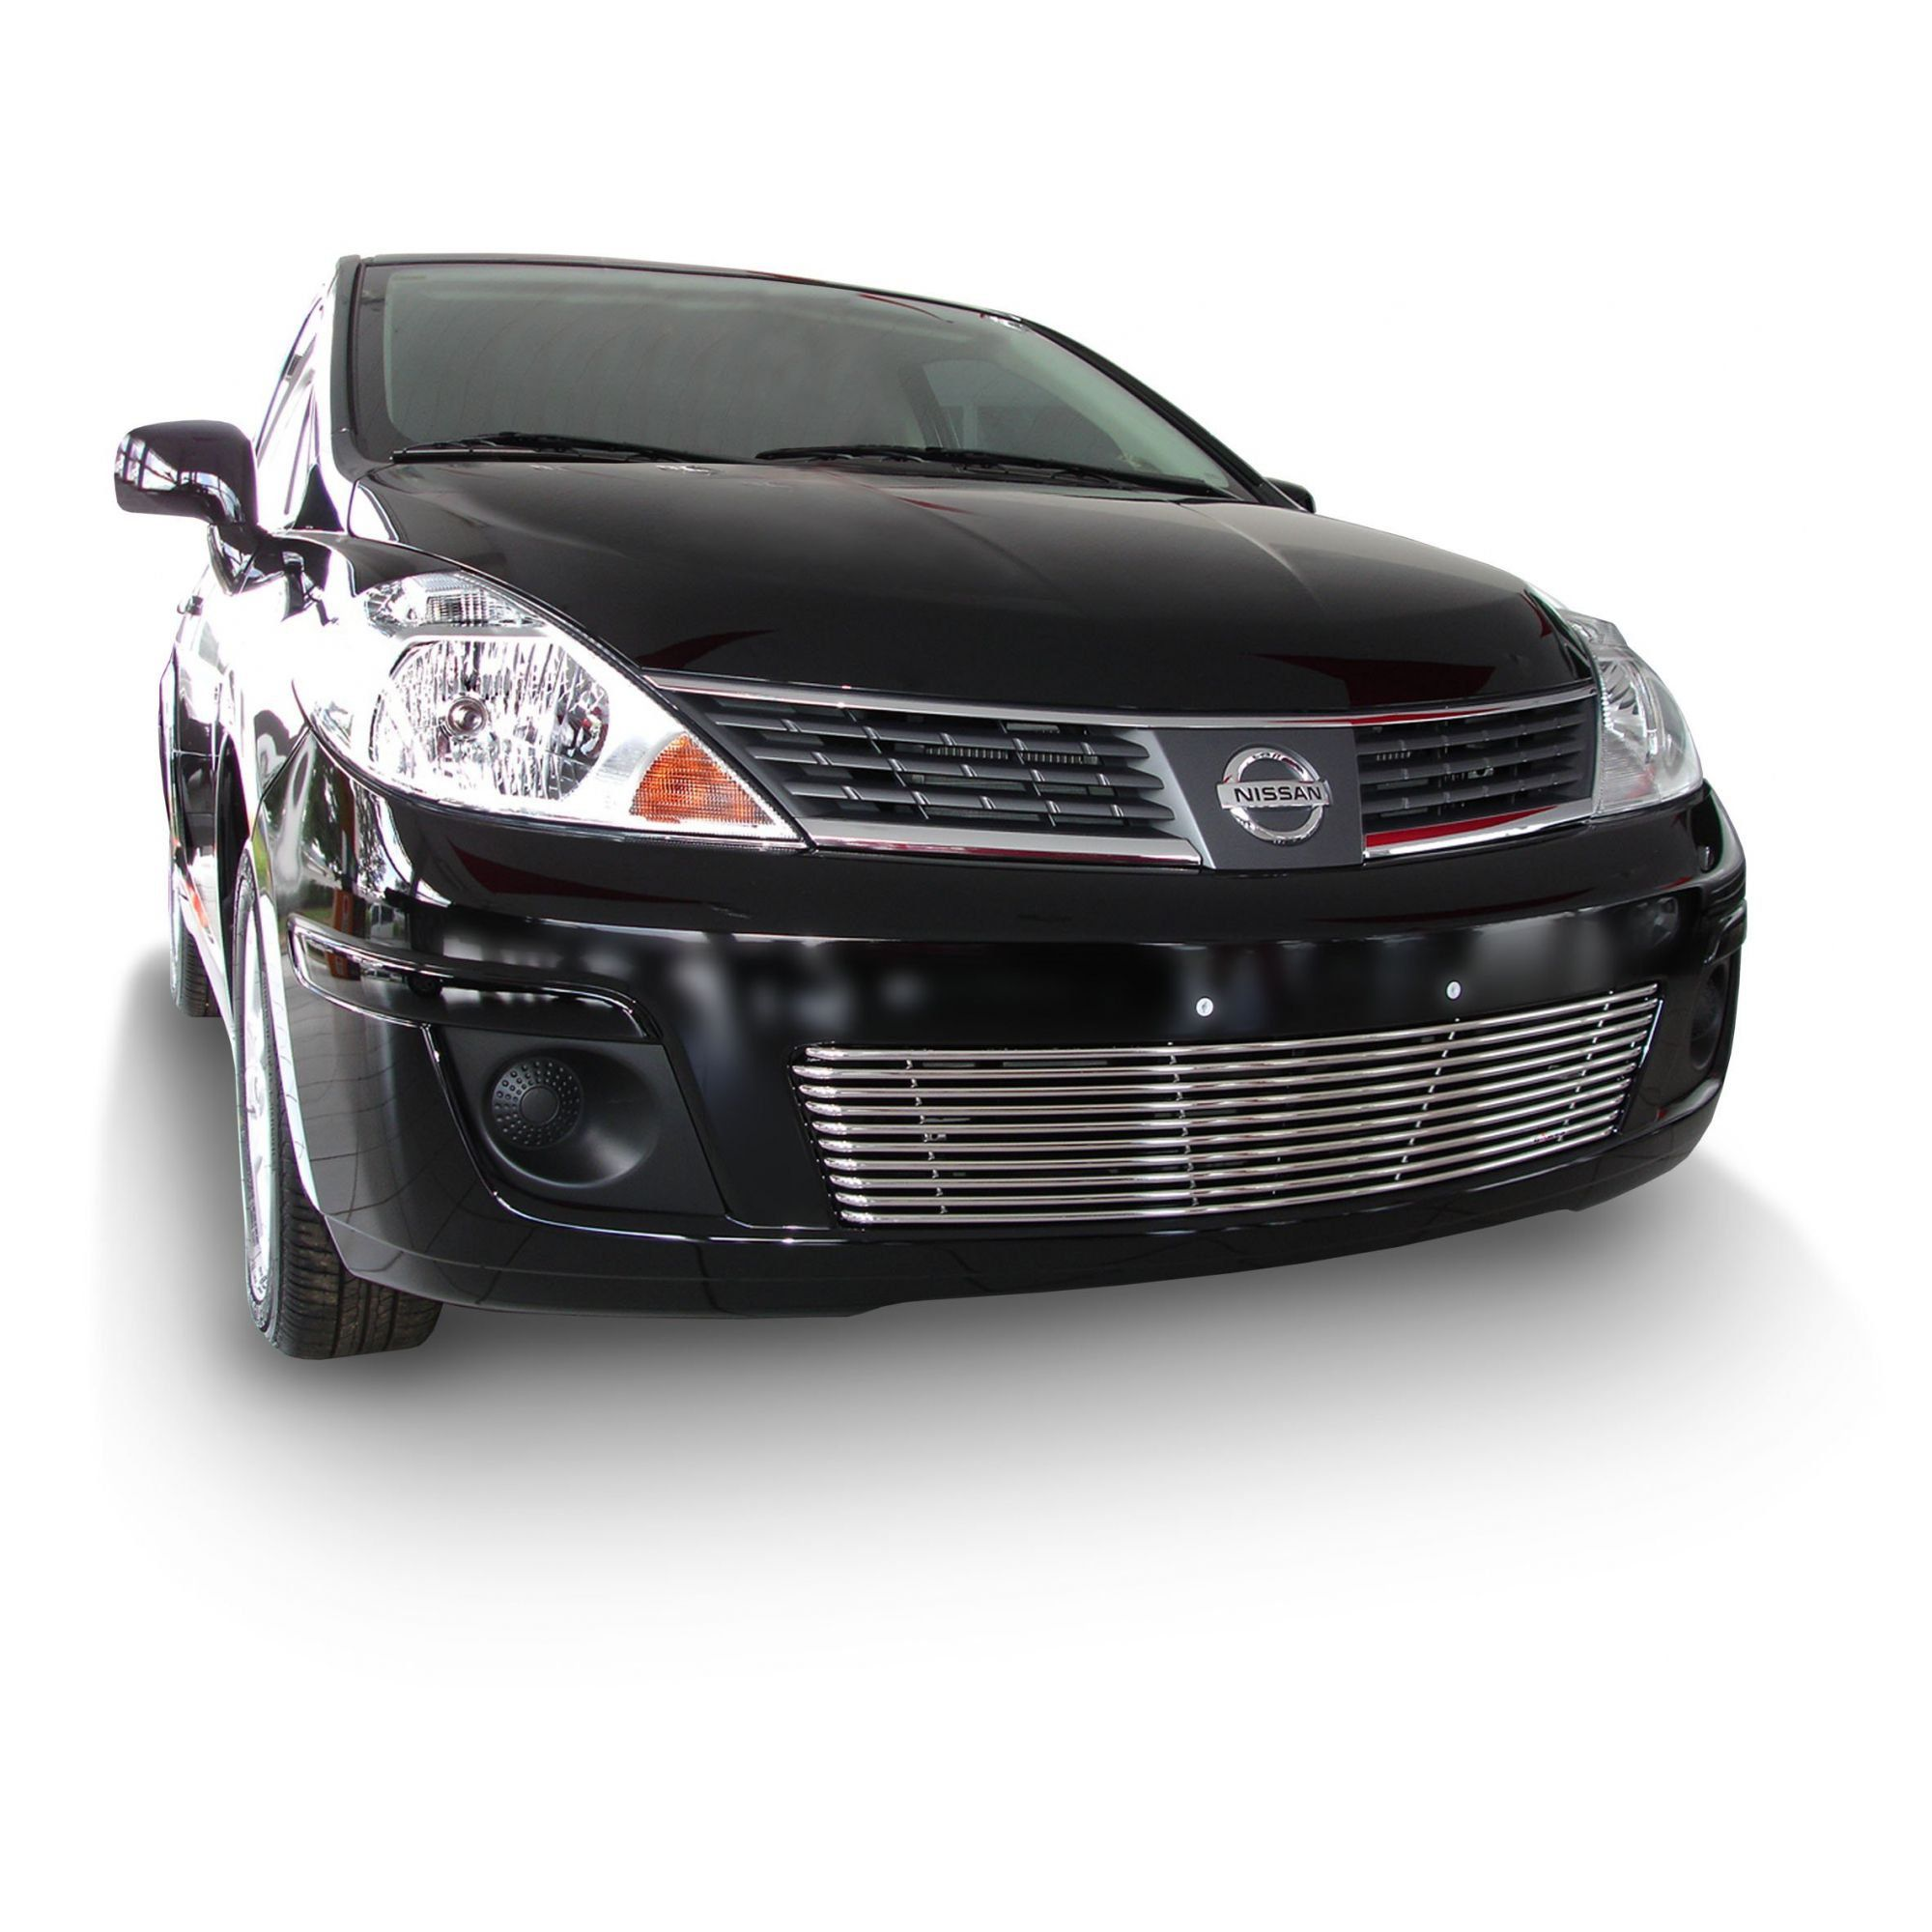 Sobre Grade Cromada Aço Inox Nissan Tiida 2007 a 2010 Darta